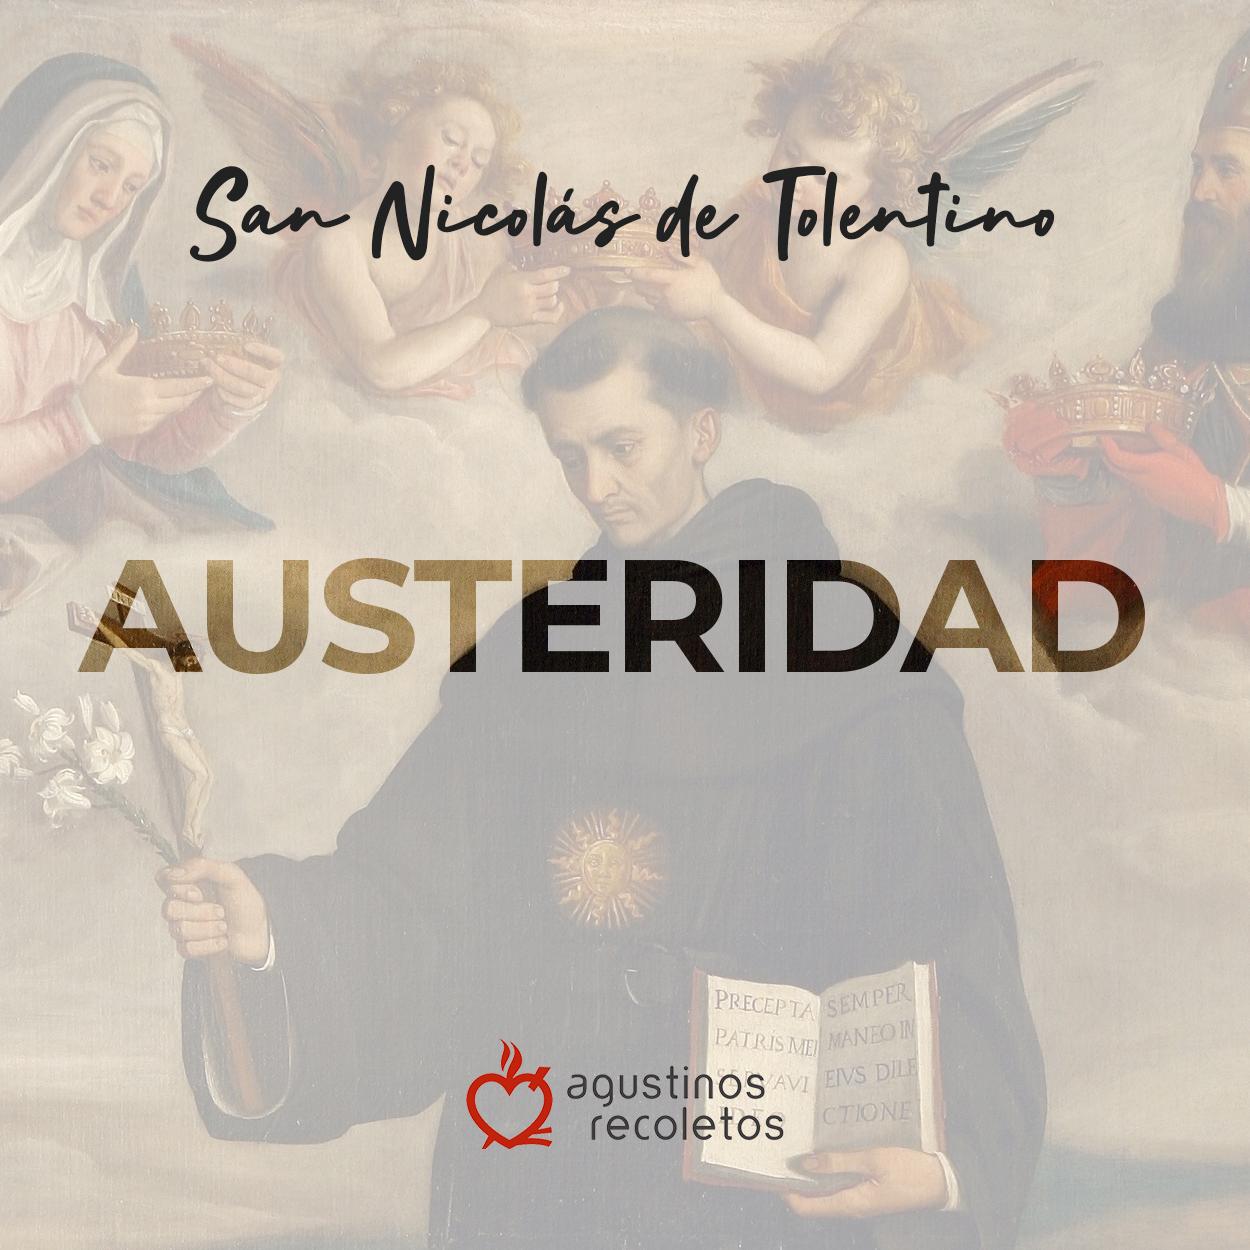 santos agustinos